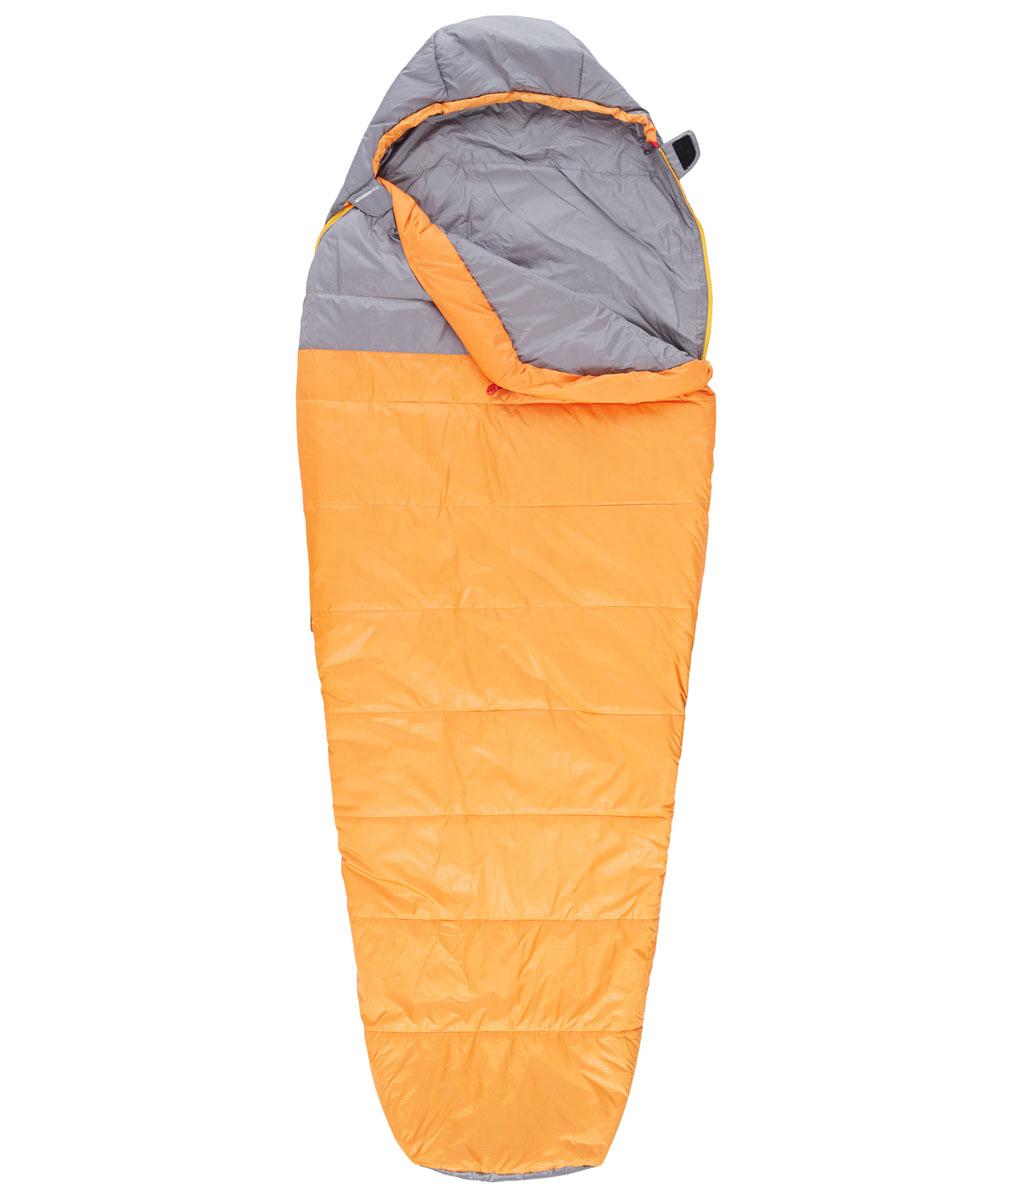 Спальный мешок The North Face Aleutian 35/2, цвет: оранжевый. T0A3A4M5RRH REG